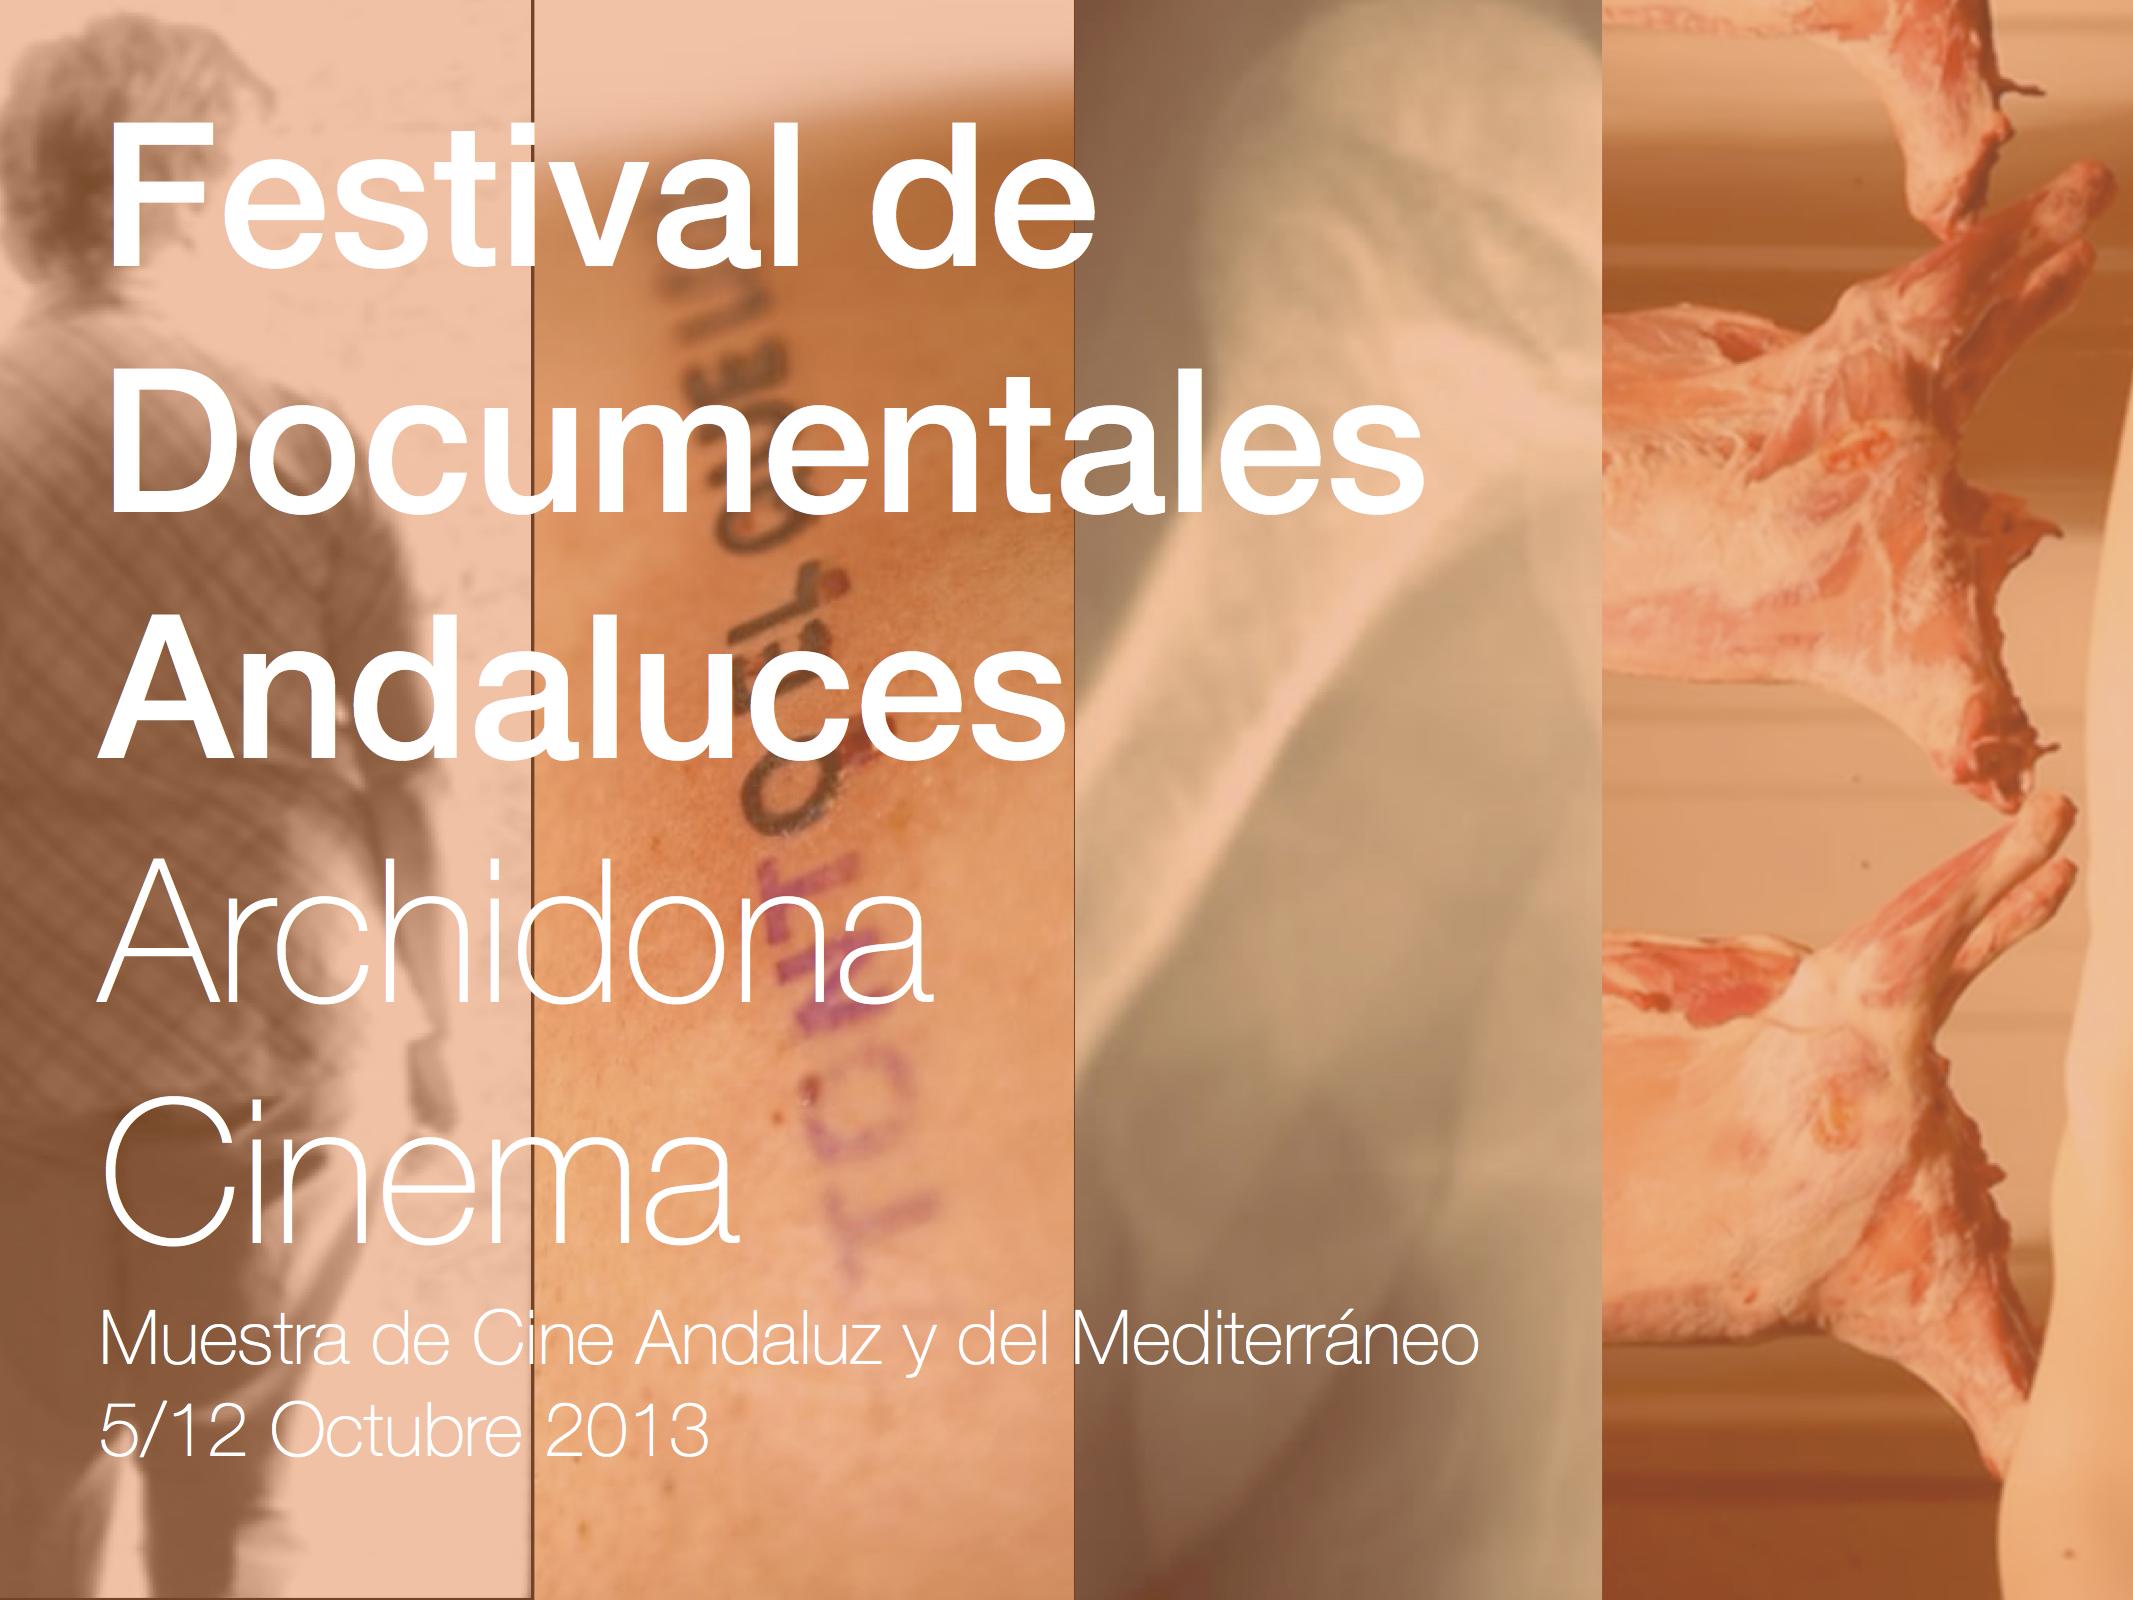 FESTIVAL DE DOCUMENTALES ANDALUCES 2013